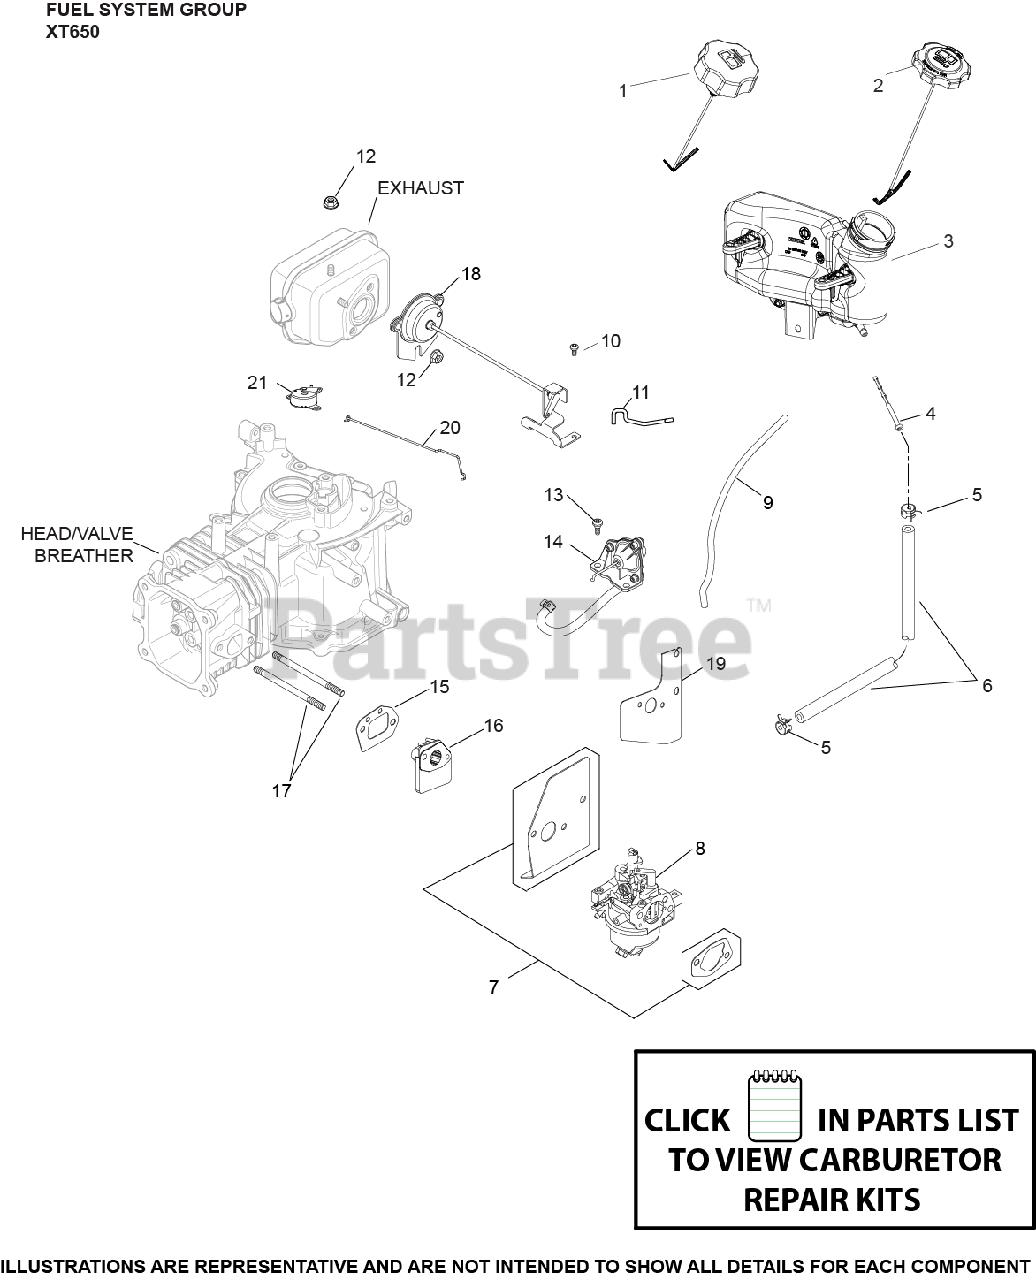 Kohler Xt650